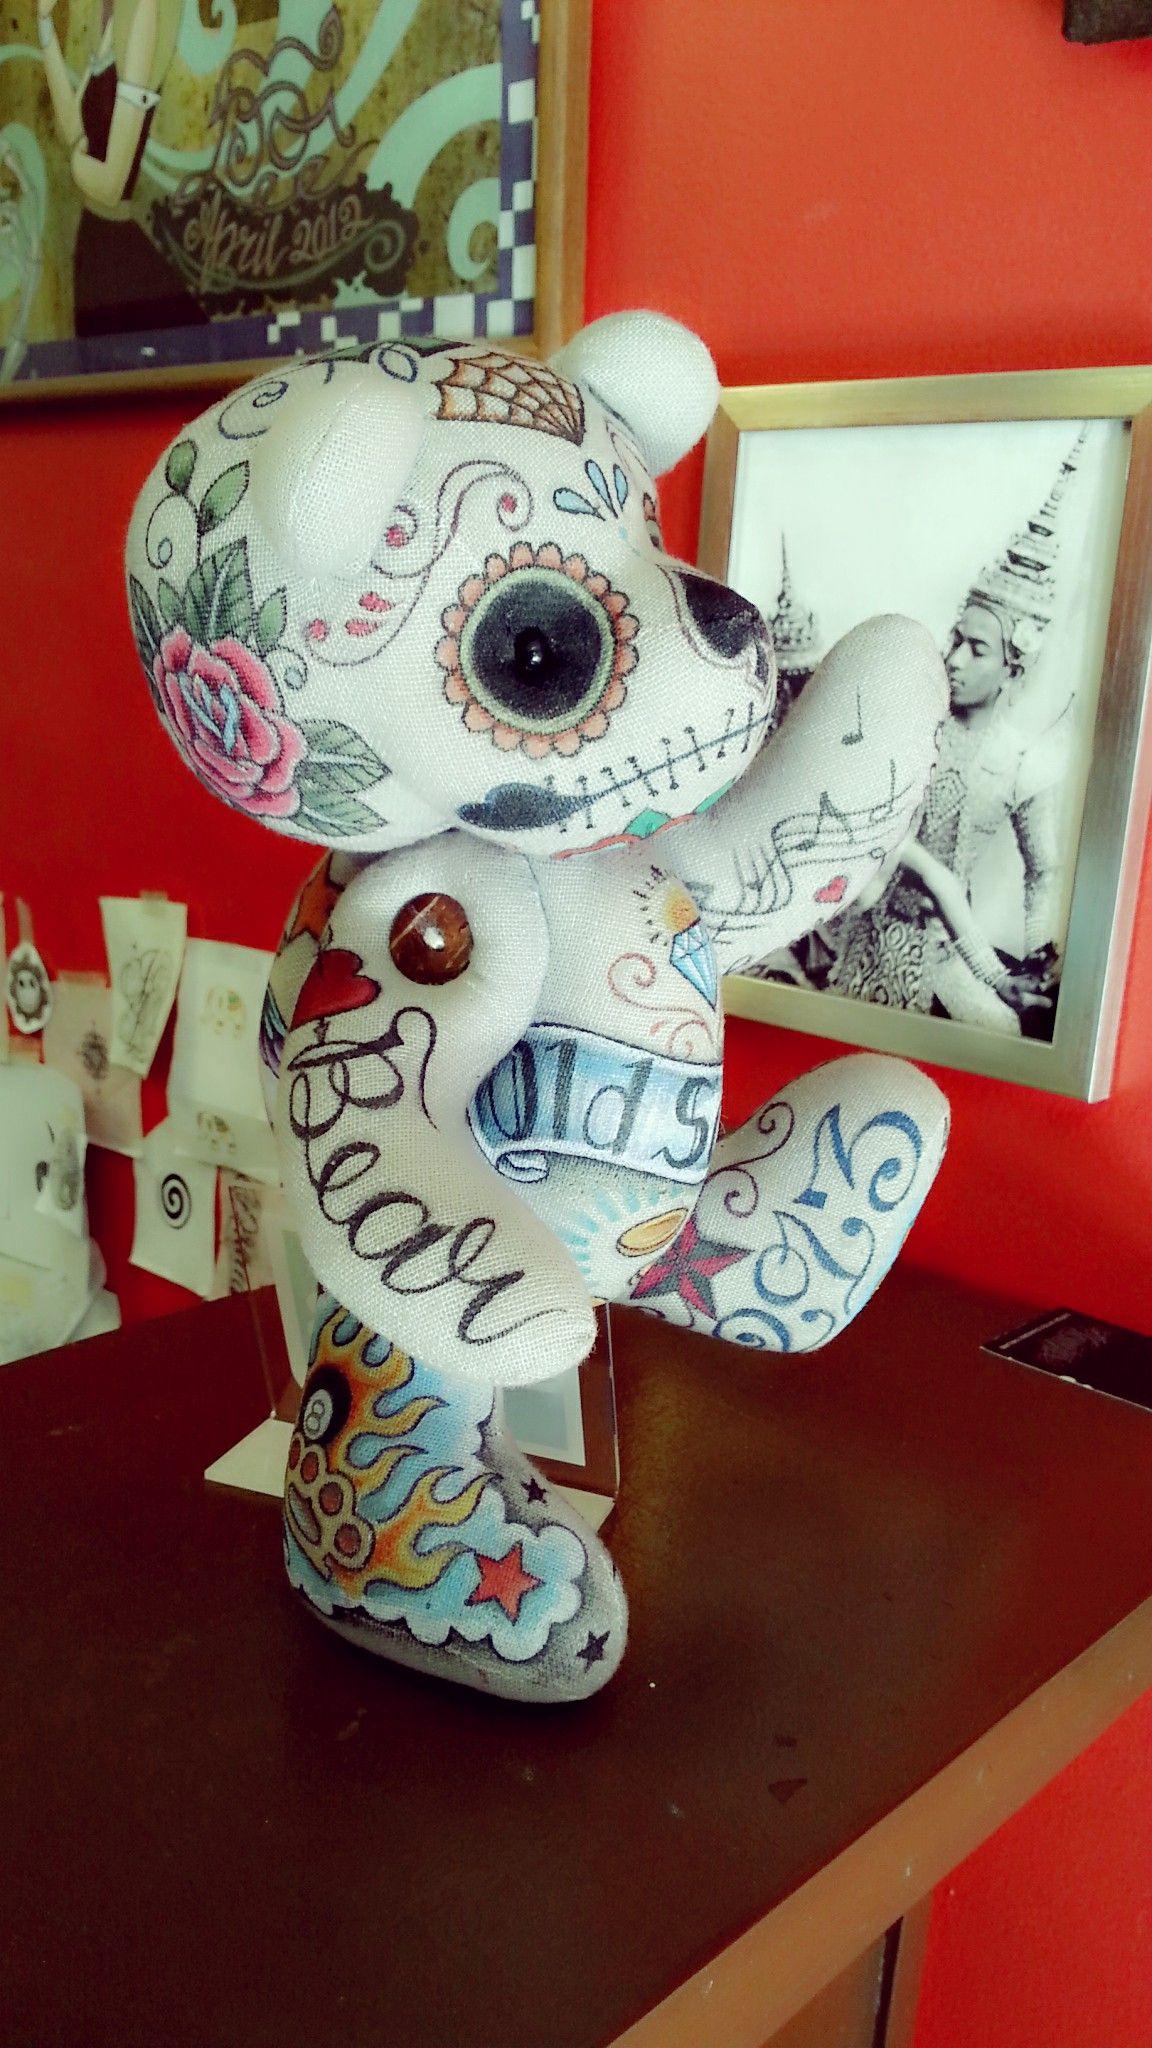 Tattoo Doll by Fhai Lee Tattoonart # painting tattoo on the doll # Mornzter Tattoo Studio # Chiangmai # Thailand